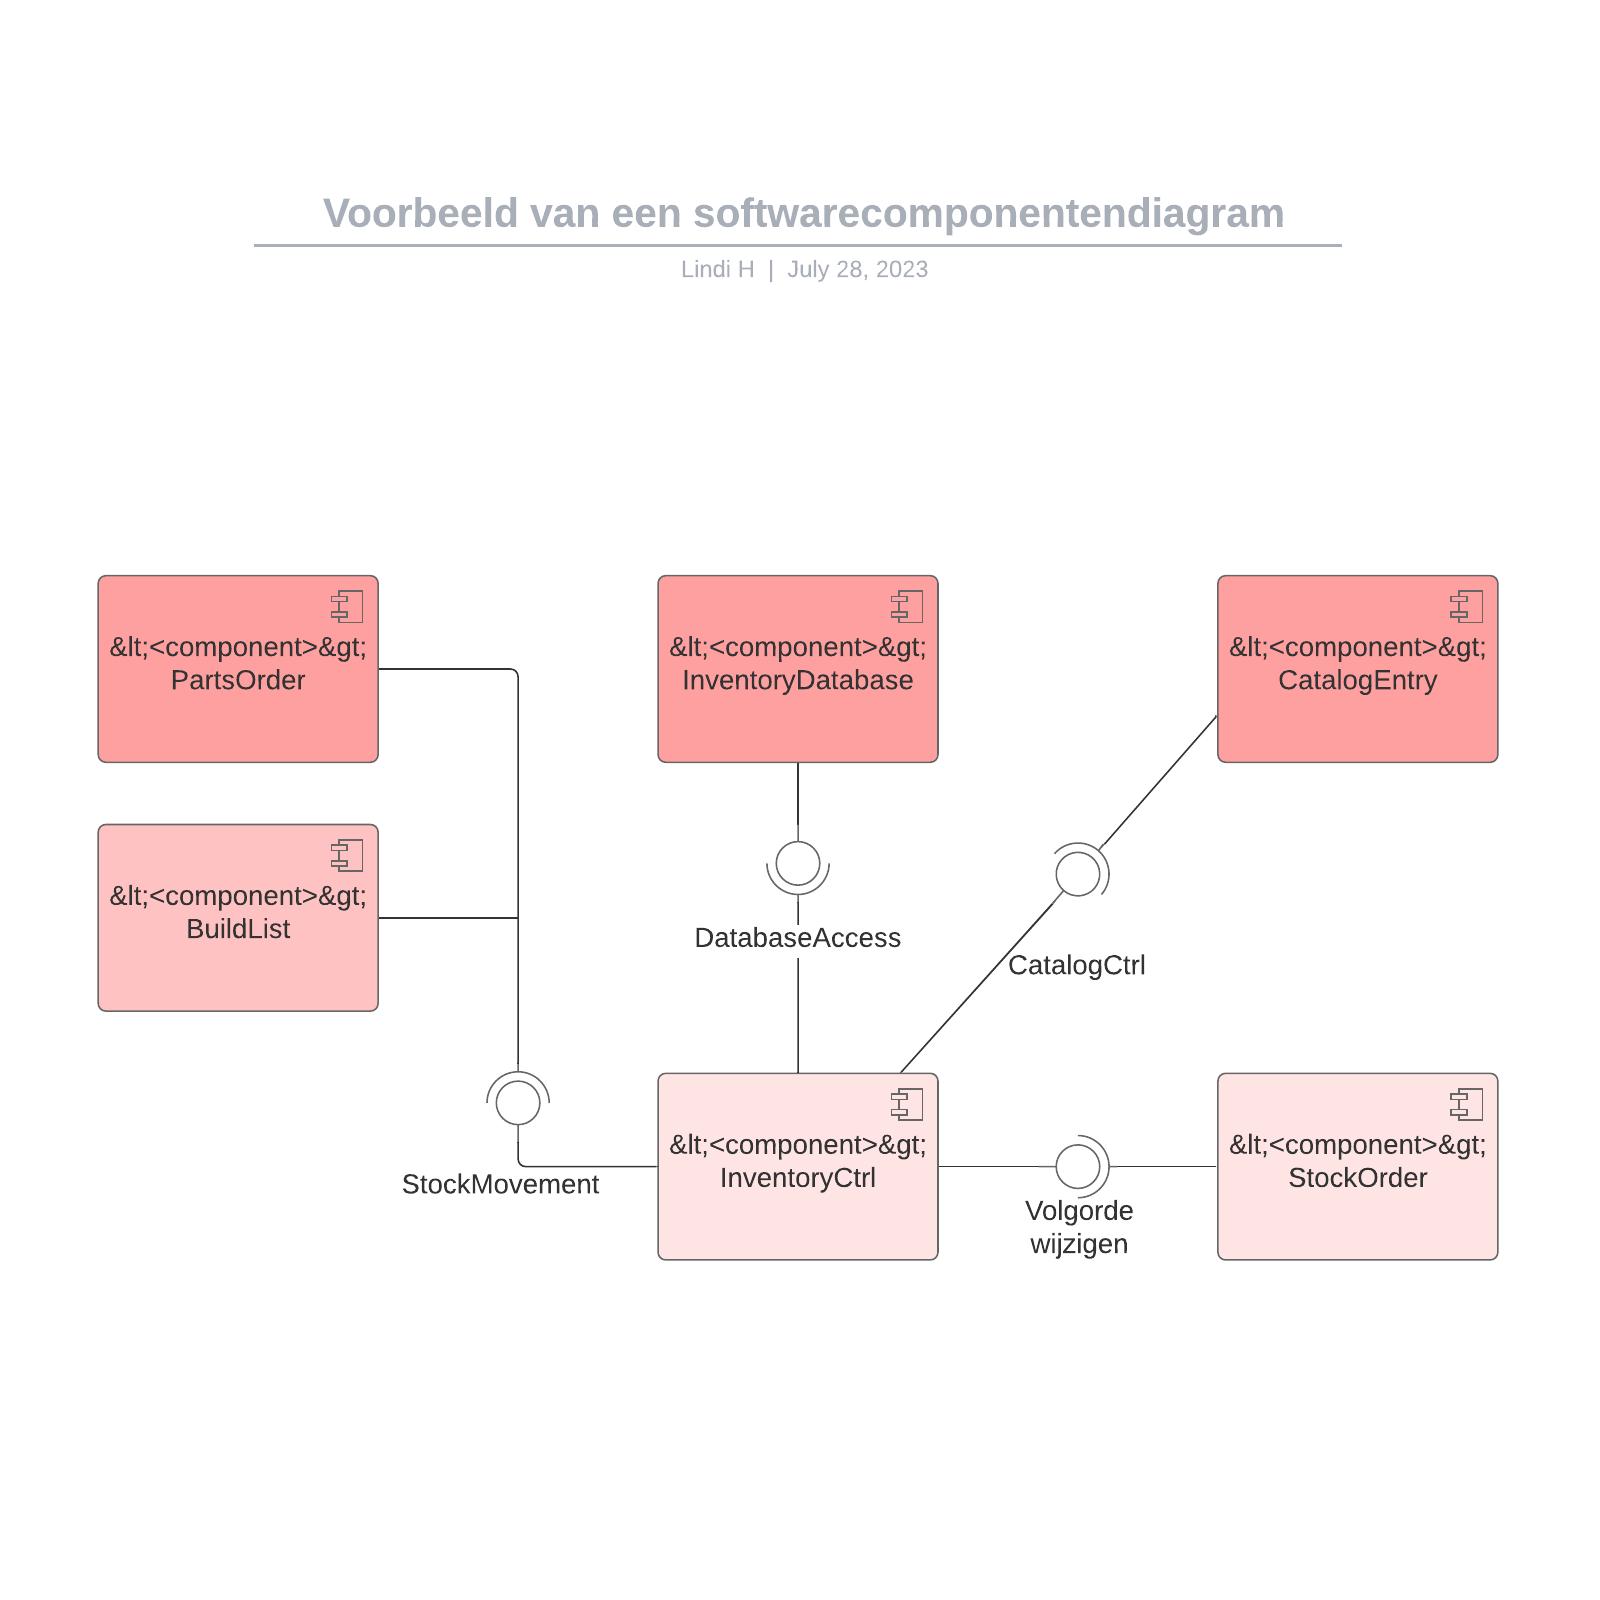 Voorbeeld van een softwarecomponentendiagram